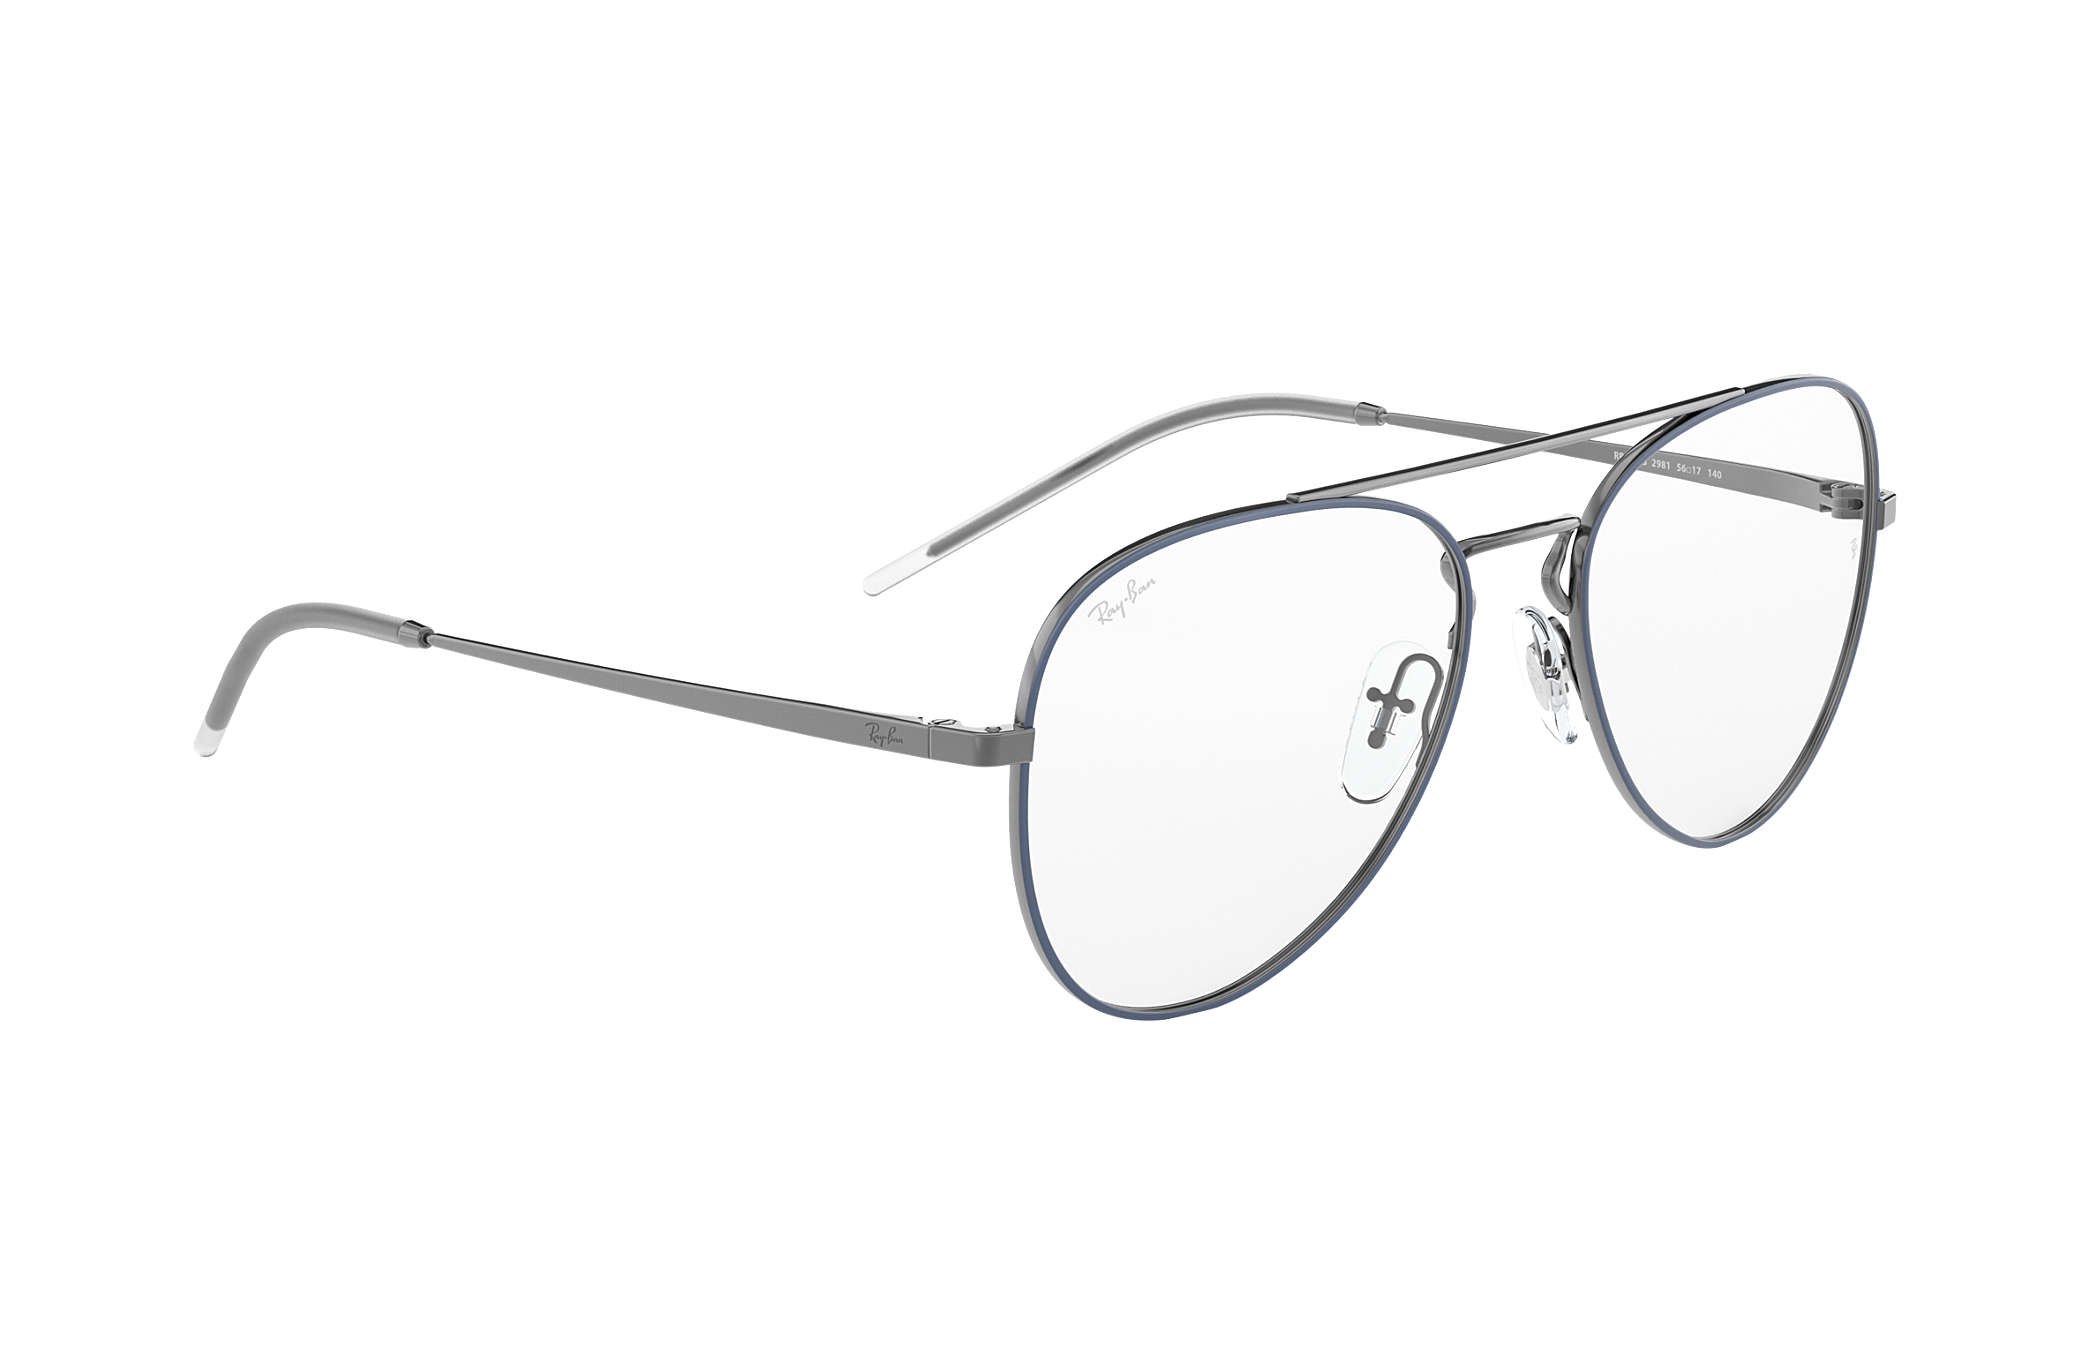 eb260bc8e4 Ray-Ban eyeglasses RB6413 Blue - Metal - 0RX6413298154